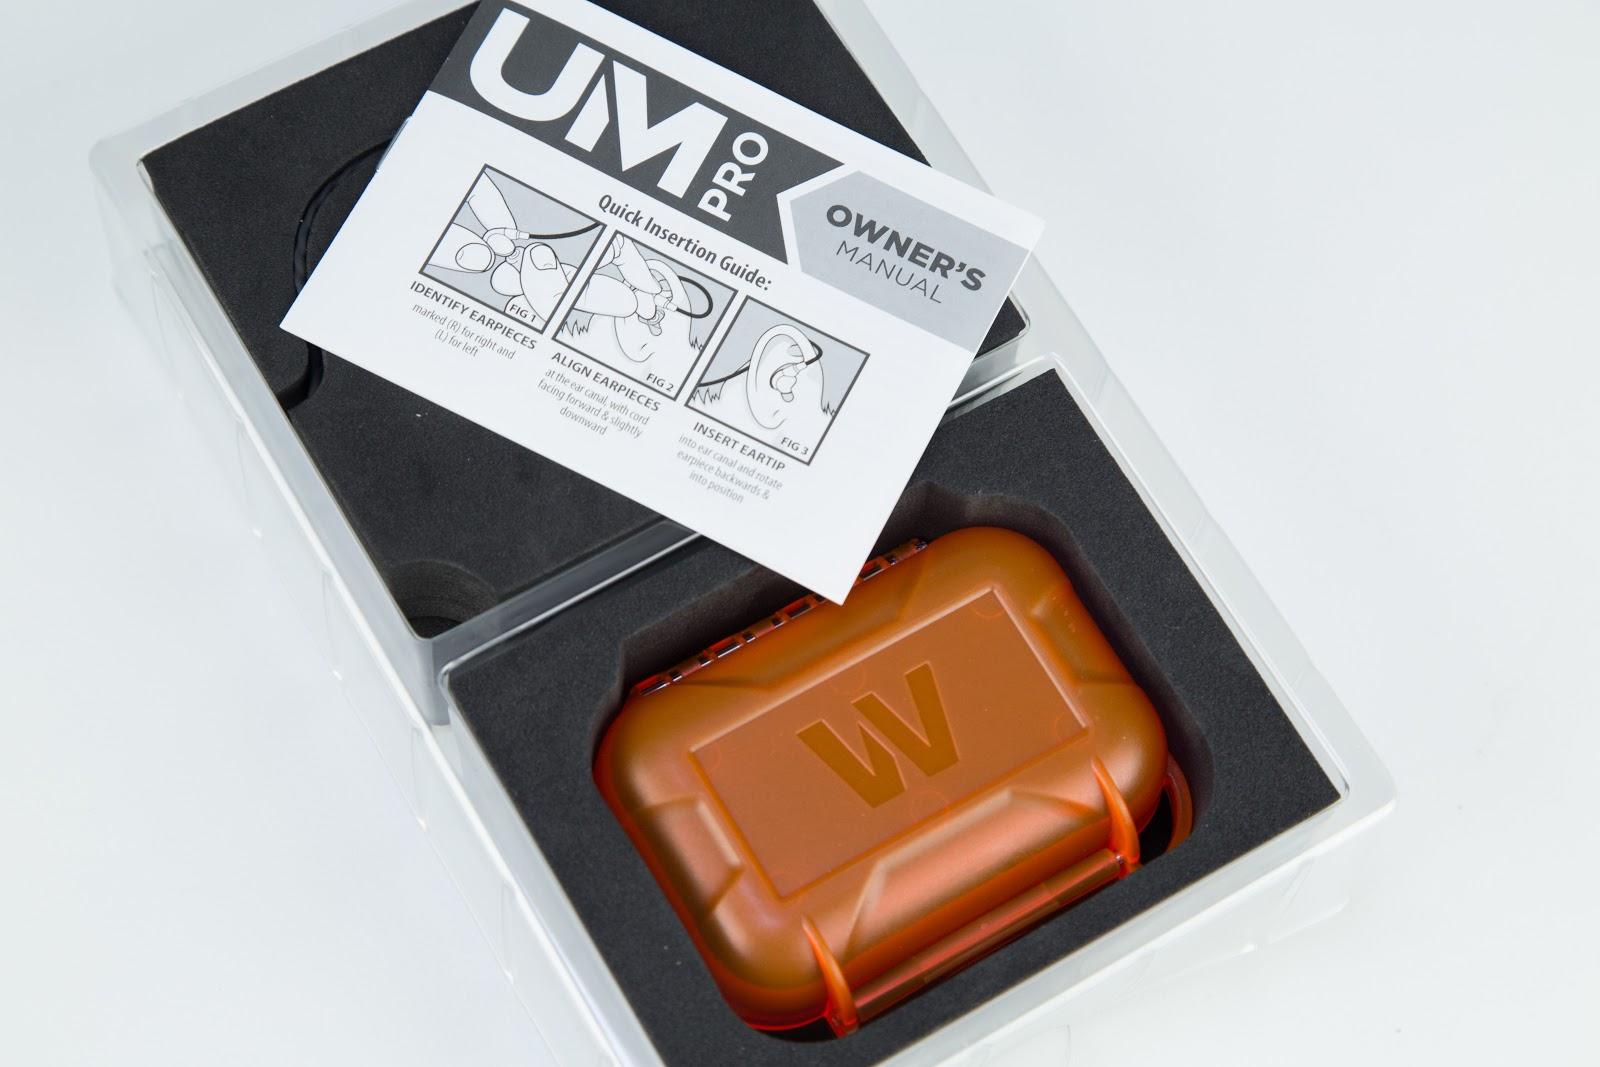 Арматуры из Колорадо: обзор наушников Westone UM Pro 30-50 - 7